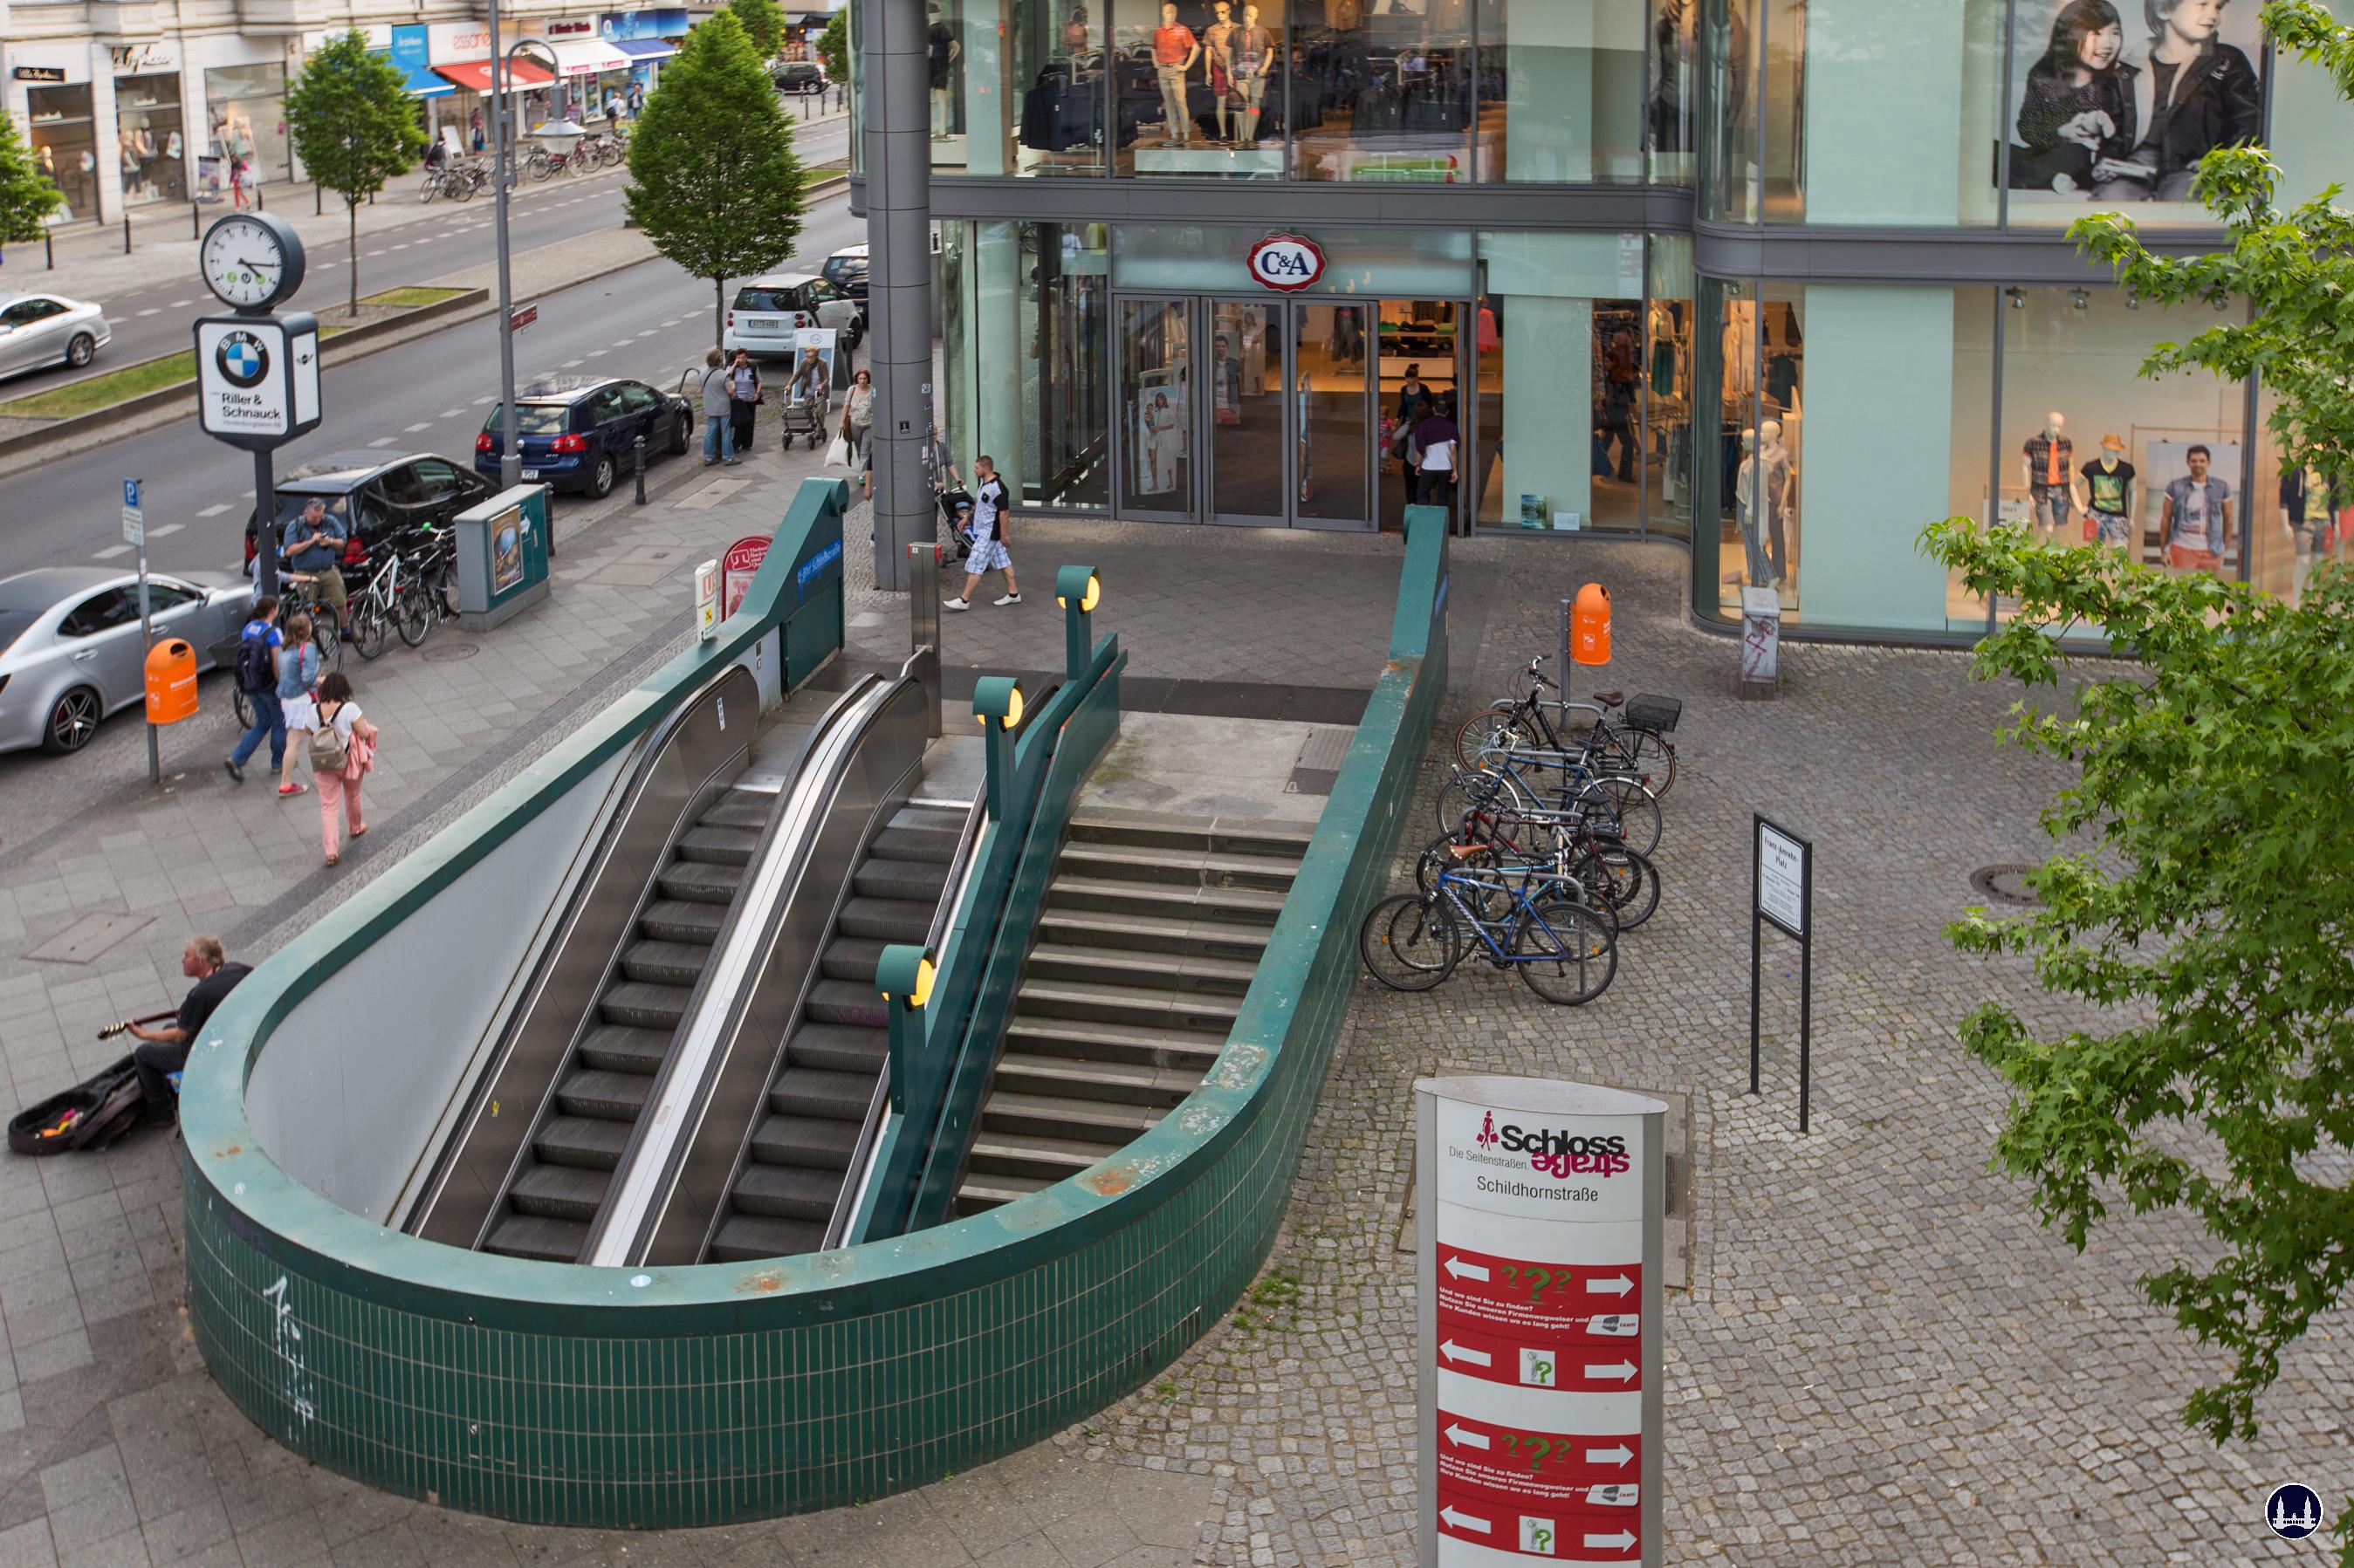 Das Ensemble U - Bahnhof Schloßstraße. Eingang vor dem C & A Textilkaufhaus.